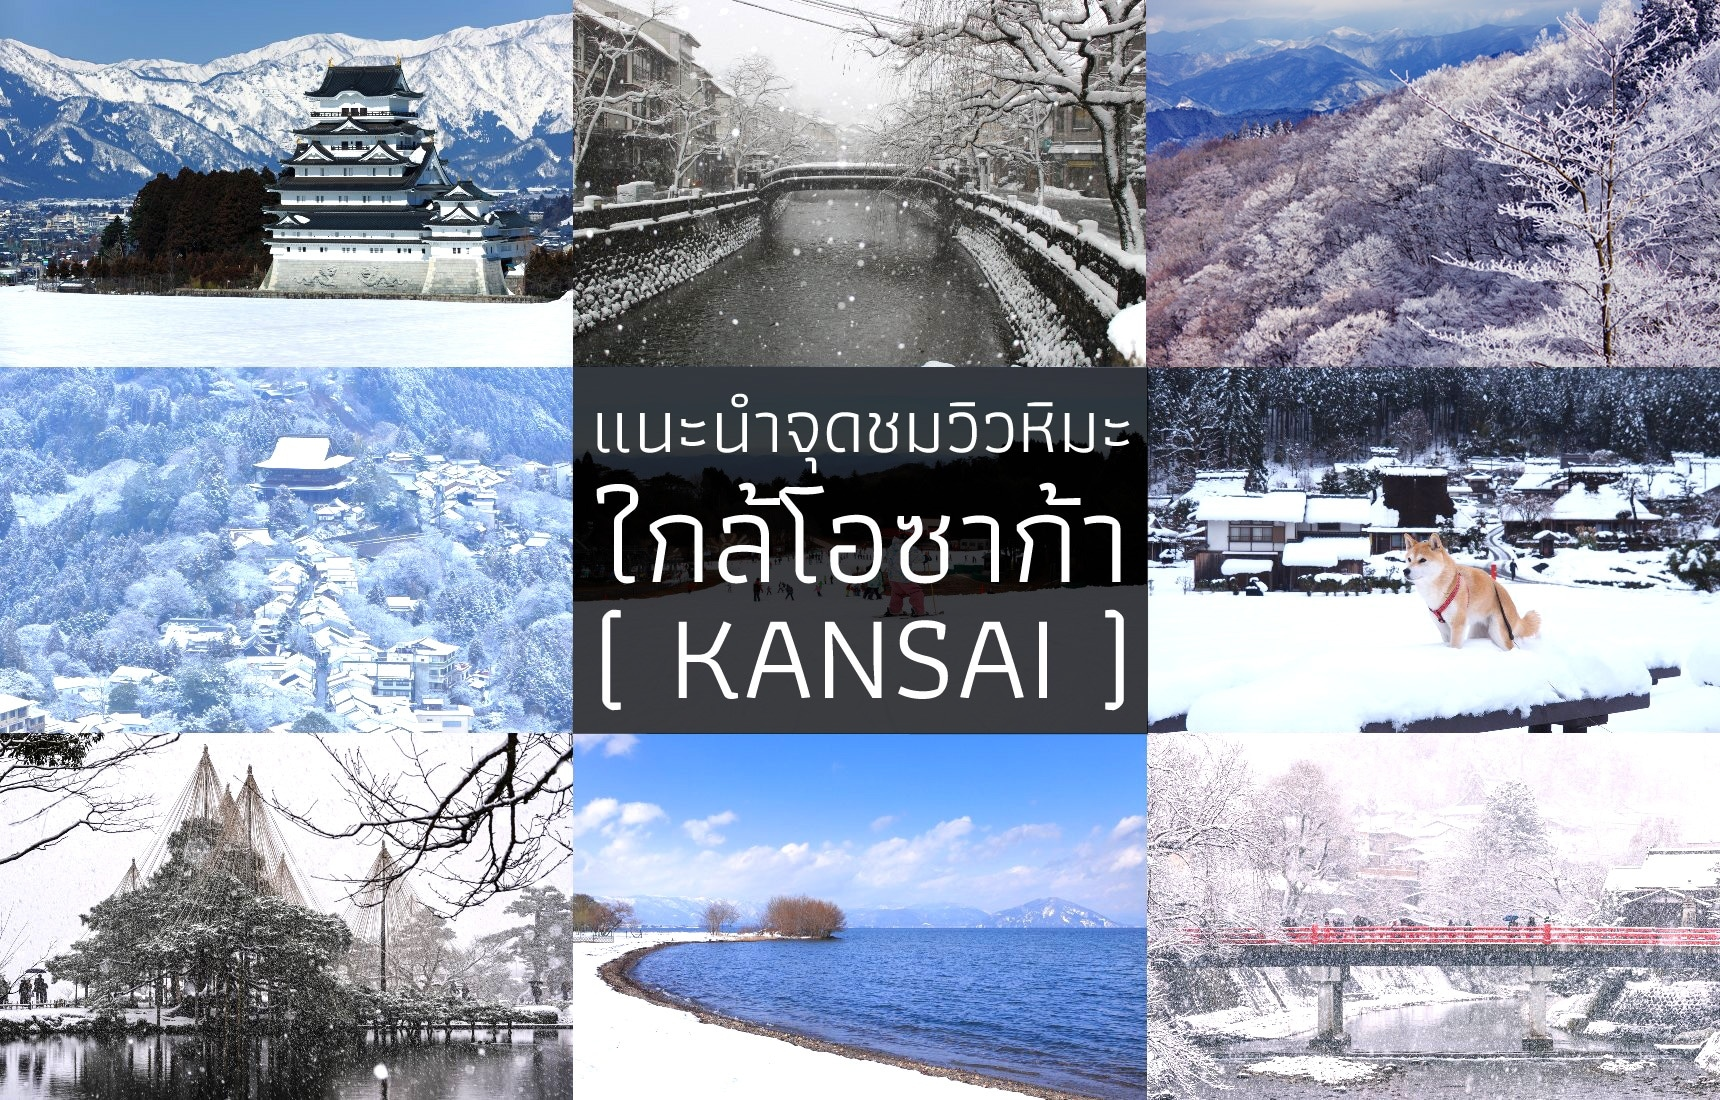 แนะนำจุดชมวิวหิมะใกล้โอซาก้า (โซนคันไซ)